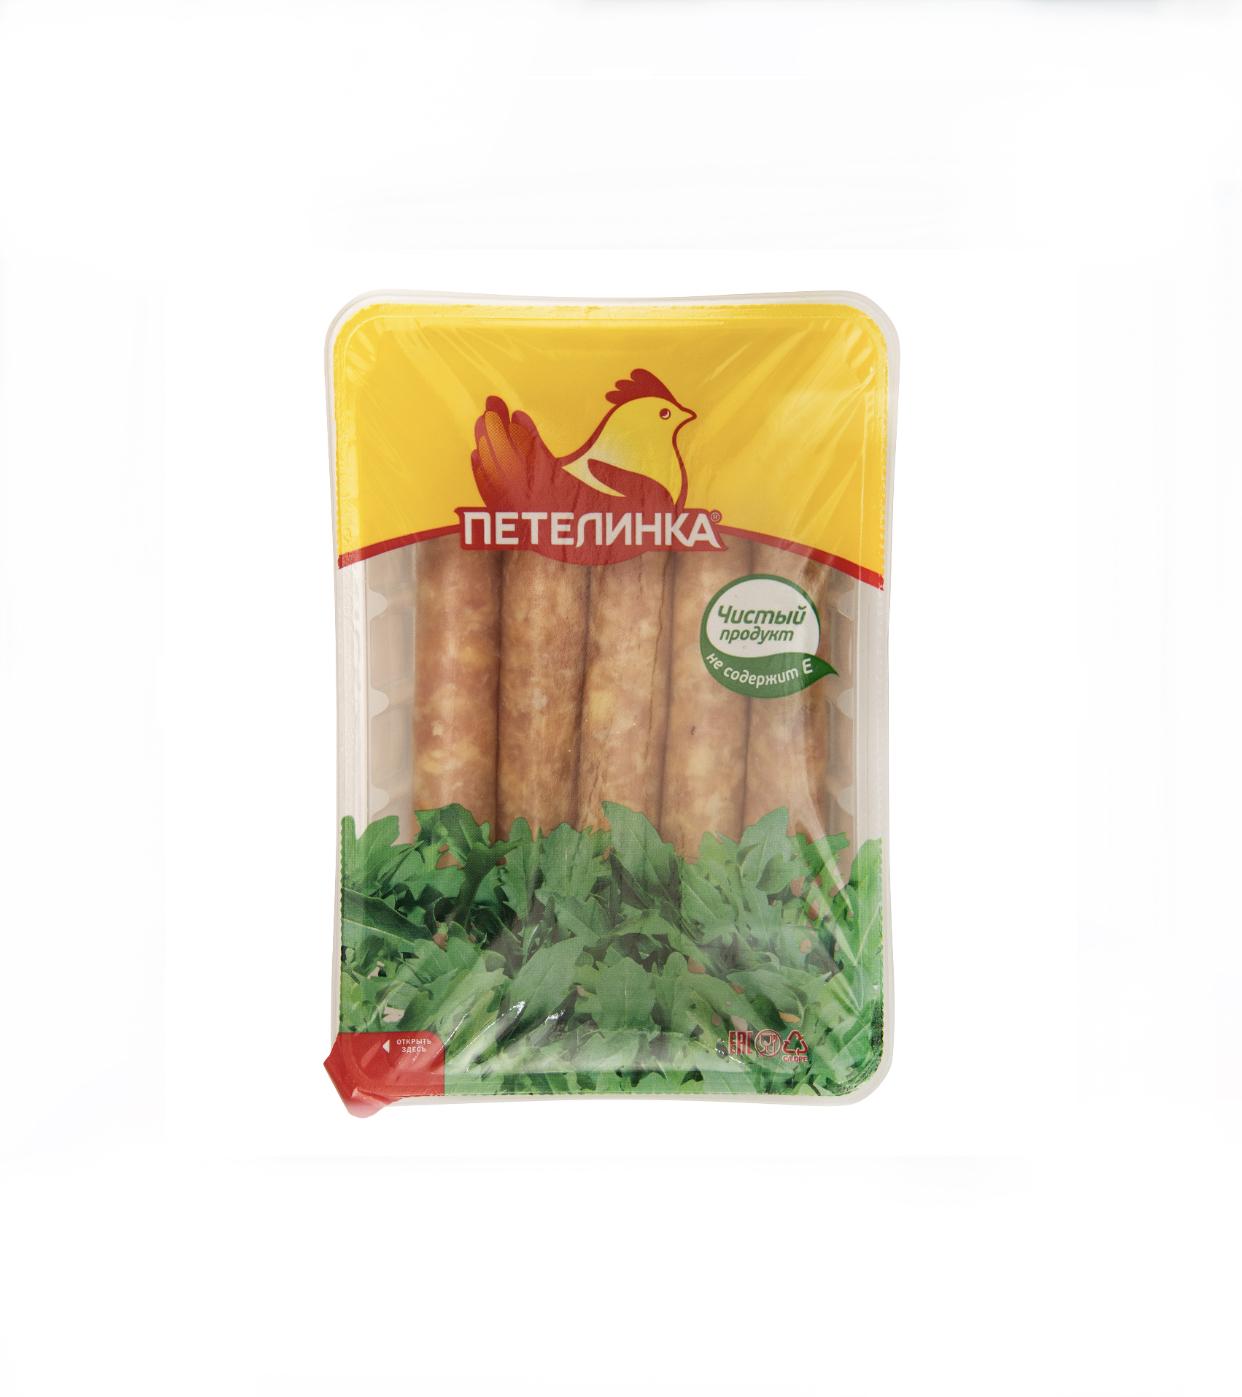 Колбаски «Петелинка» для гриля с сыром 350гр. Новинка